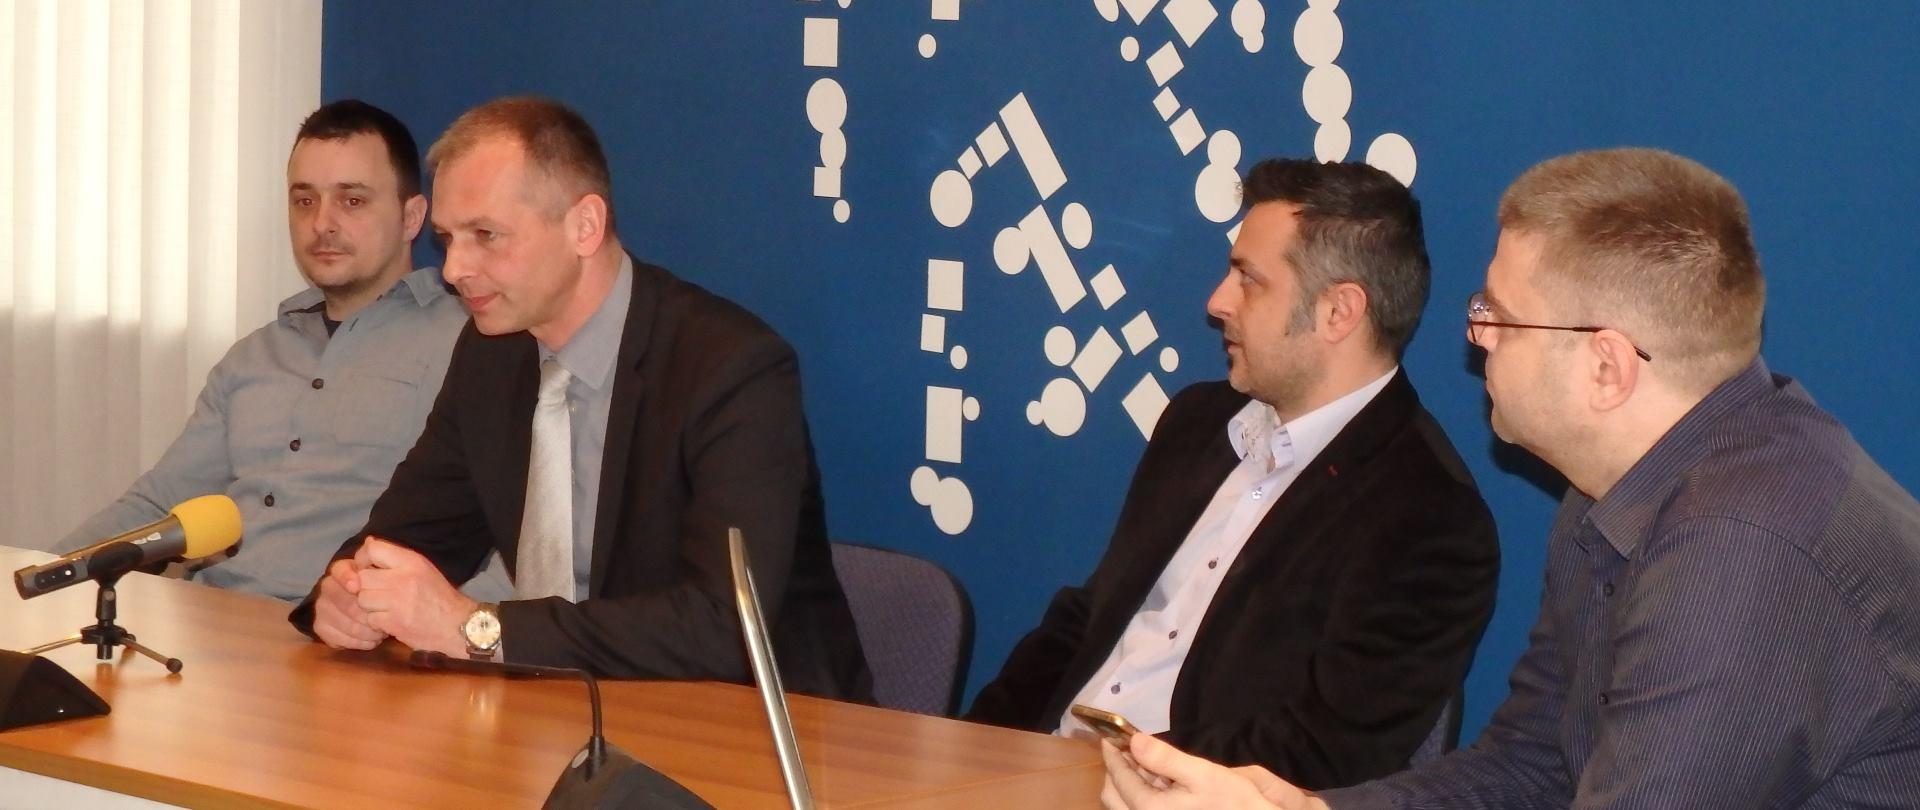 Gradska uprava Kutine s građanima komunicira mobilnom aplikacijom